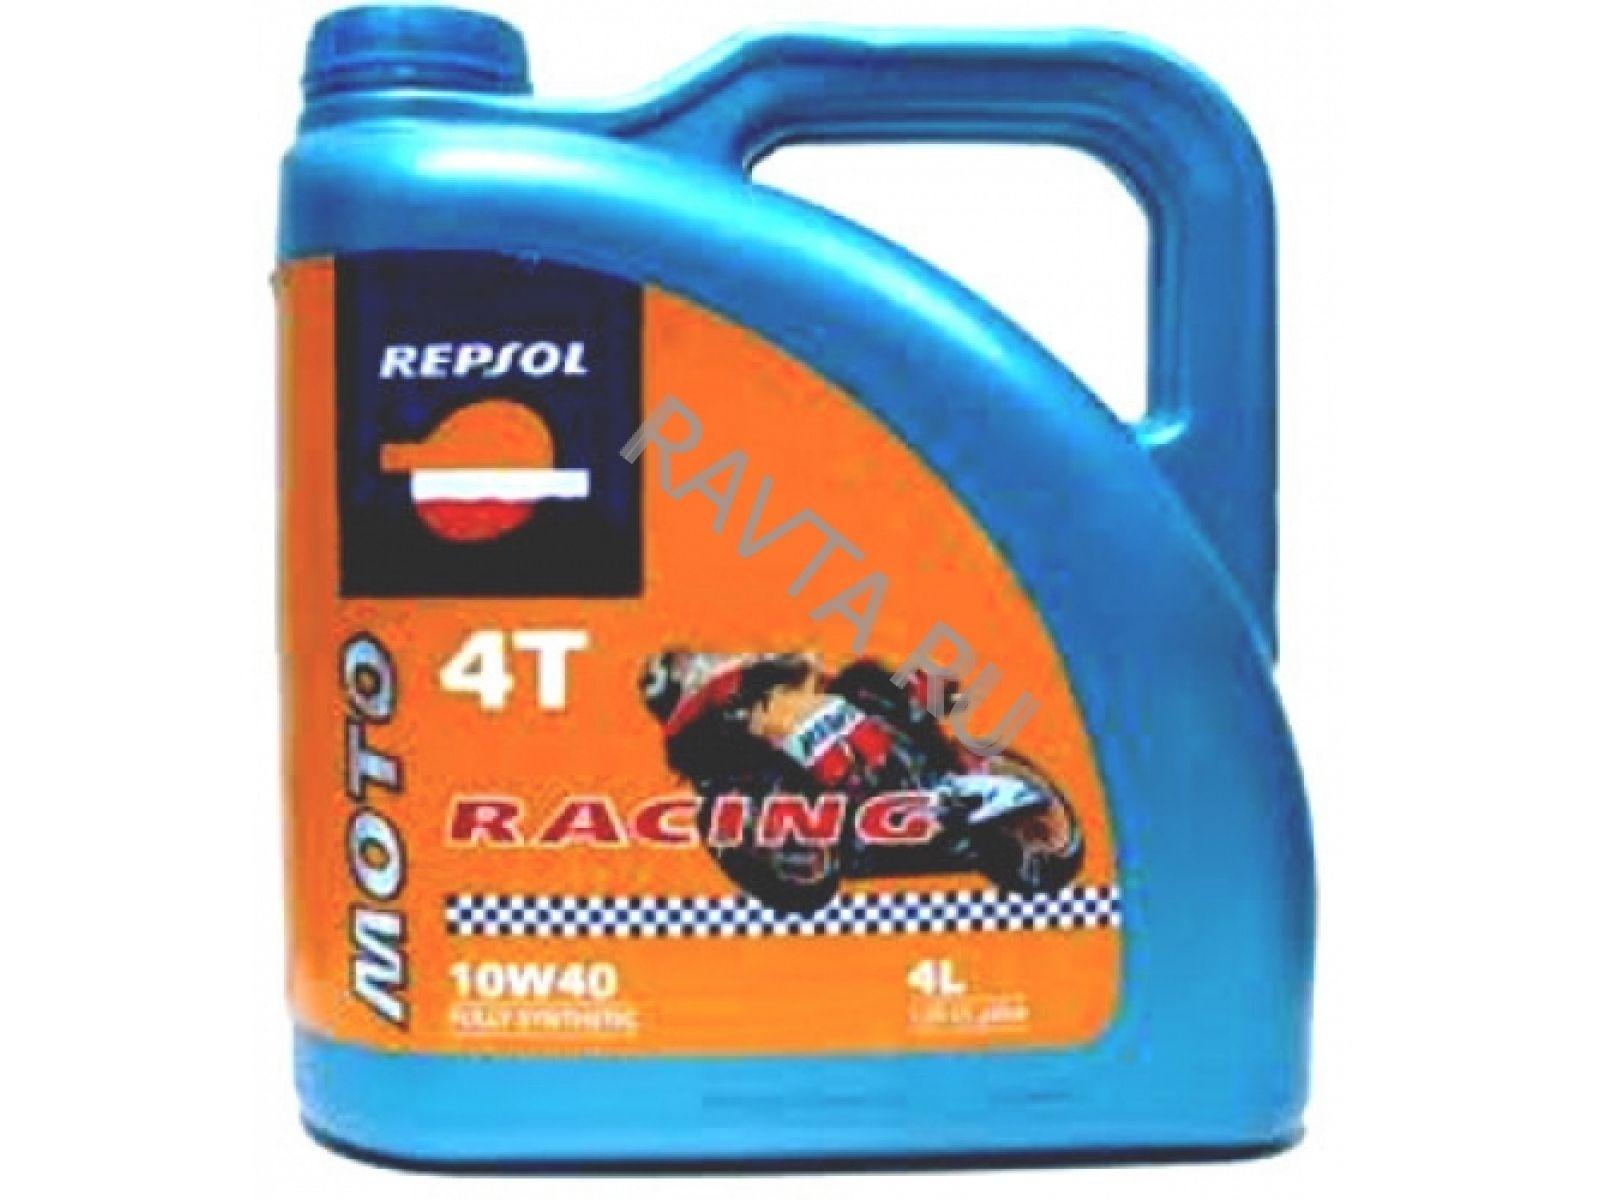 Масло Repsol Moto Racing 4T 10W-40 (4л)Repsol<br><br><br>Тип масла: Моторное<br>Состав масла: синтетическое<br>Допуски/cпецификации: JASO MA-2<br>Вязкость по SAE: 10W-40<br>API: SJ<br>Вид двигателя: 4-х тактный<br>Бренд: Repsol<br>Объем (л): 4<br>Применение масла: мототехника<br>Вид фасовки: пластиковая канистра<br>Количество штук в упаковке: 4<br>Продажа товара кратно упаковке: Да<br>Объем (л): 4